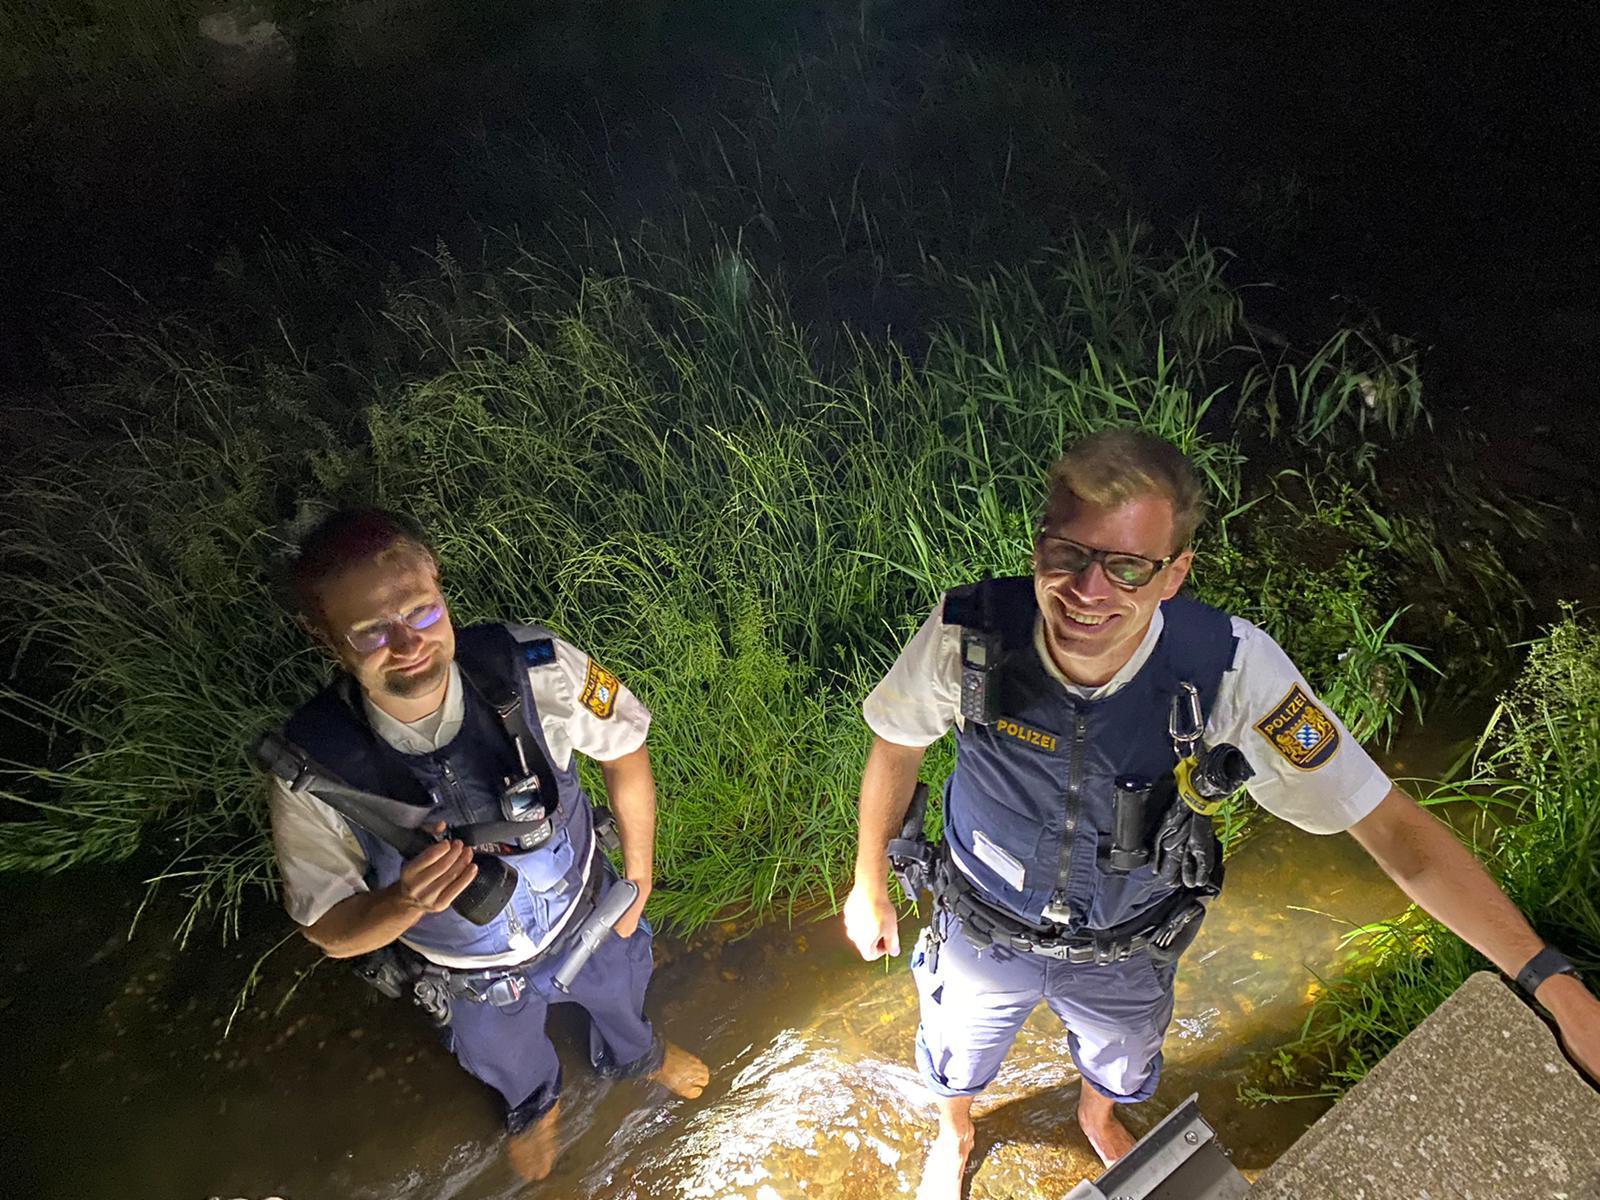 Beamte der VPI Weiden nach der erfolgreichen Vermisstensuche Foto: Polizei